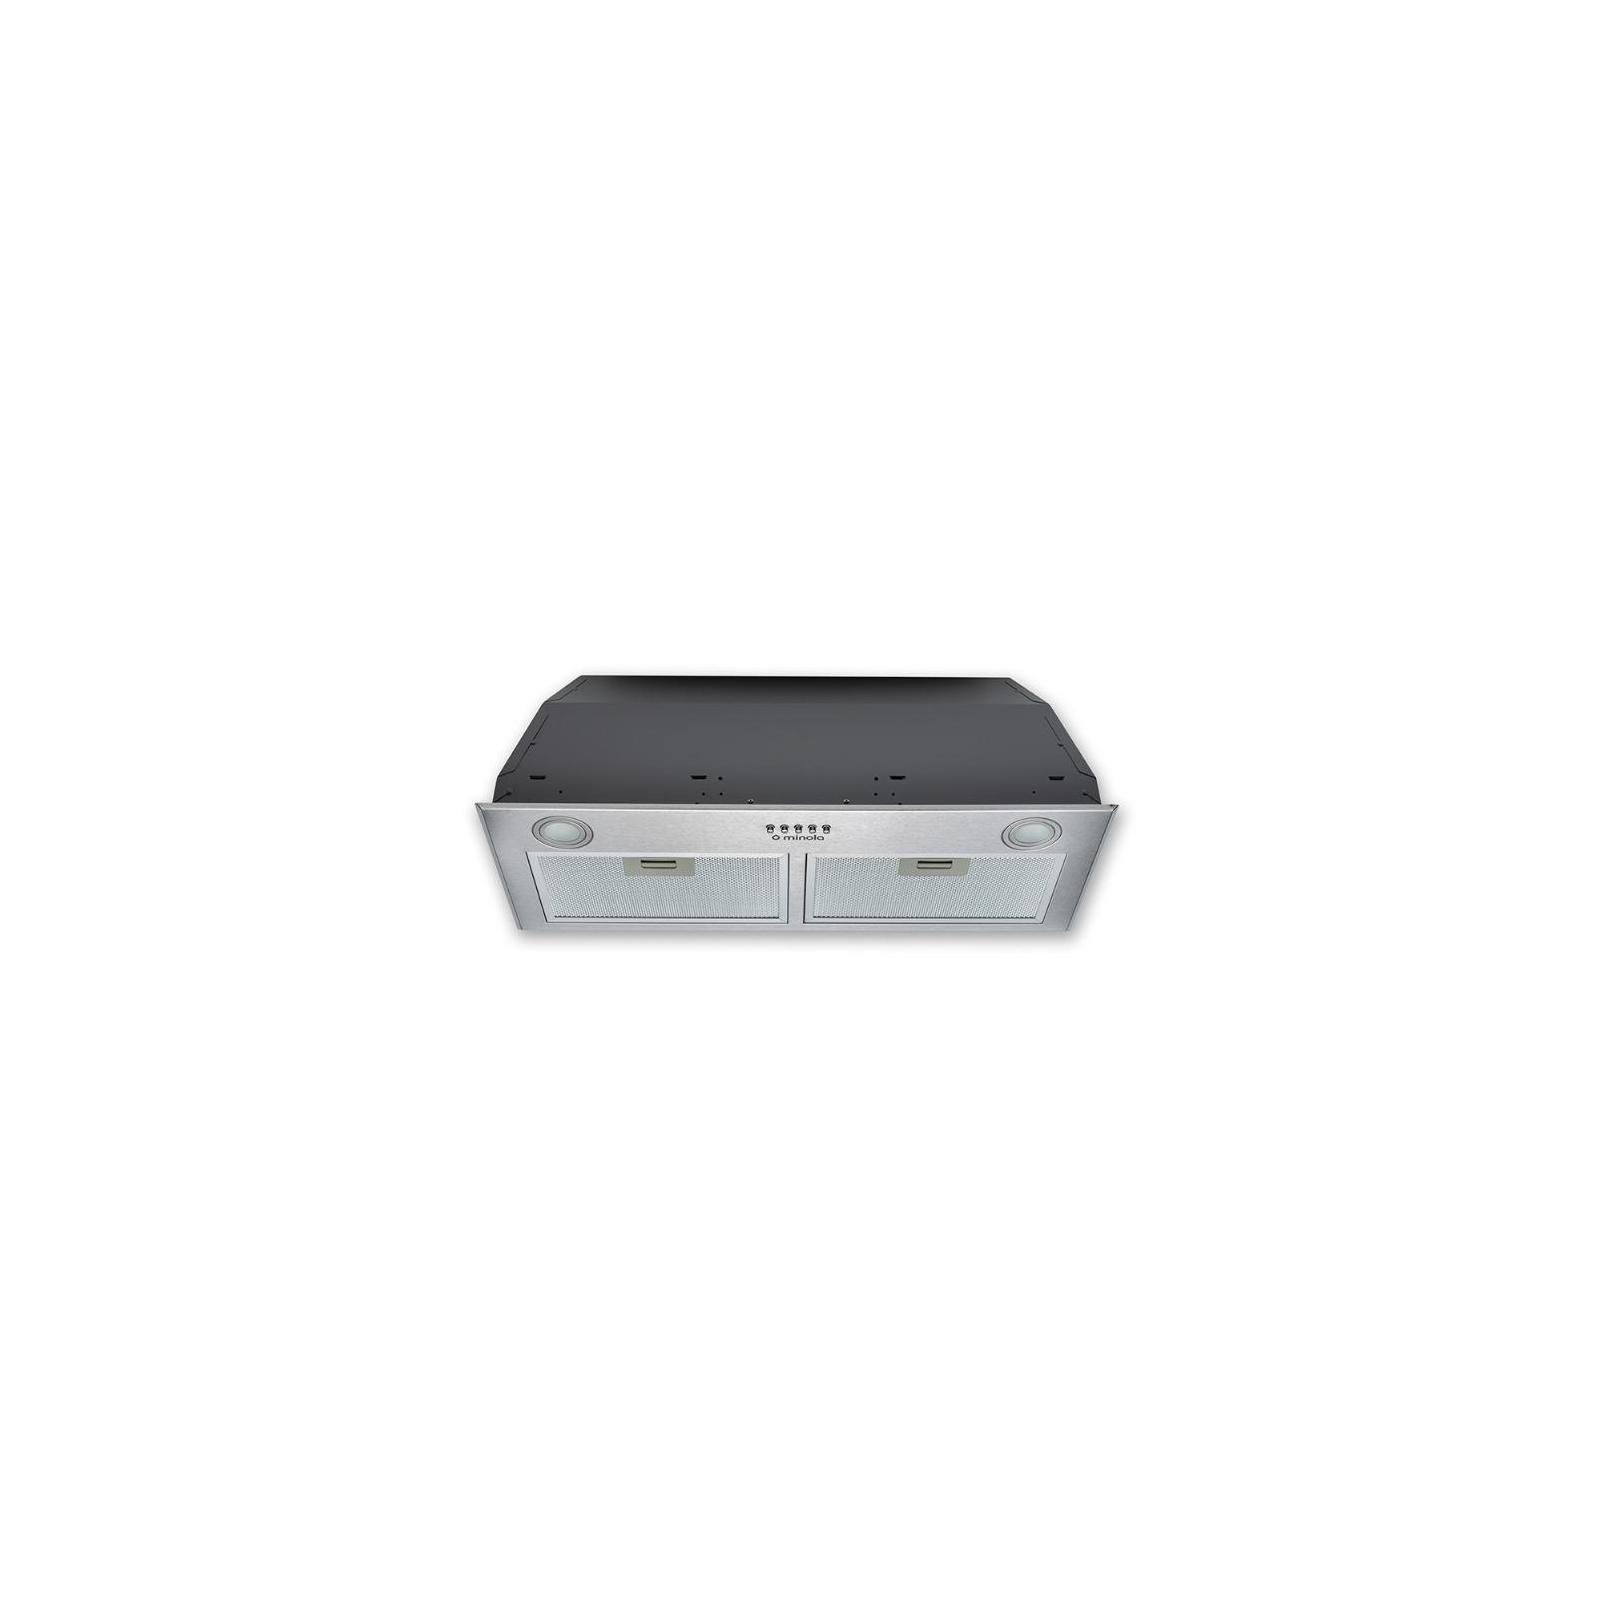 Вытяжка кухонная MINOLA HBI 7812 I 1200 LED изображение 2